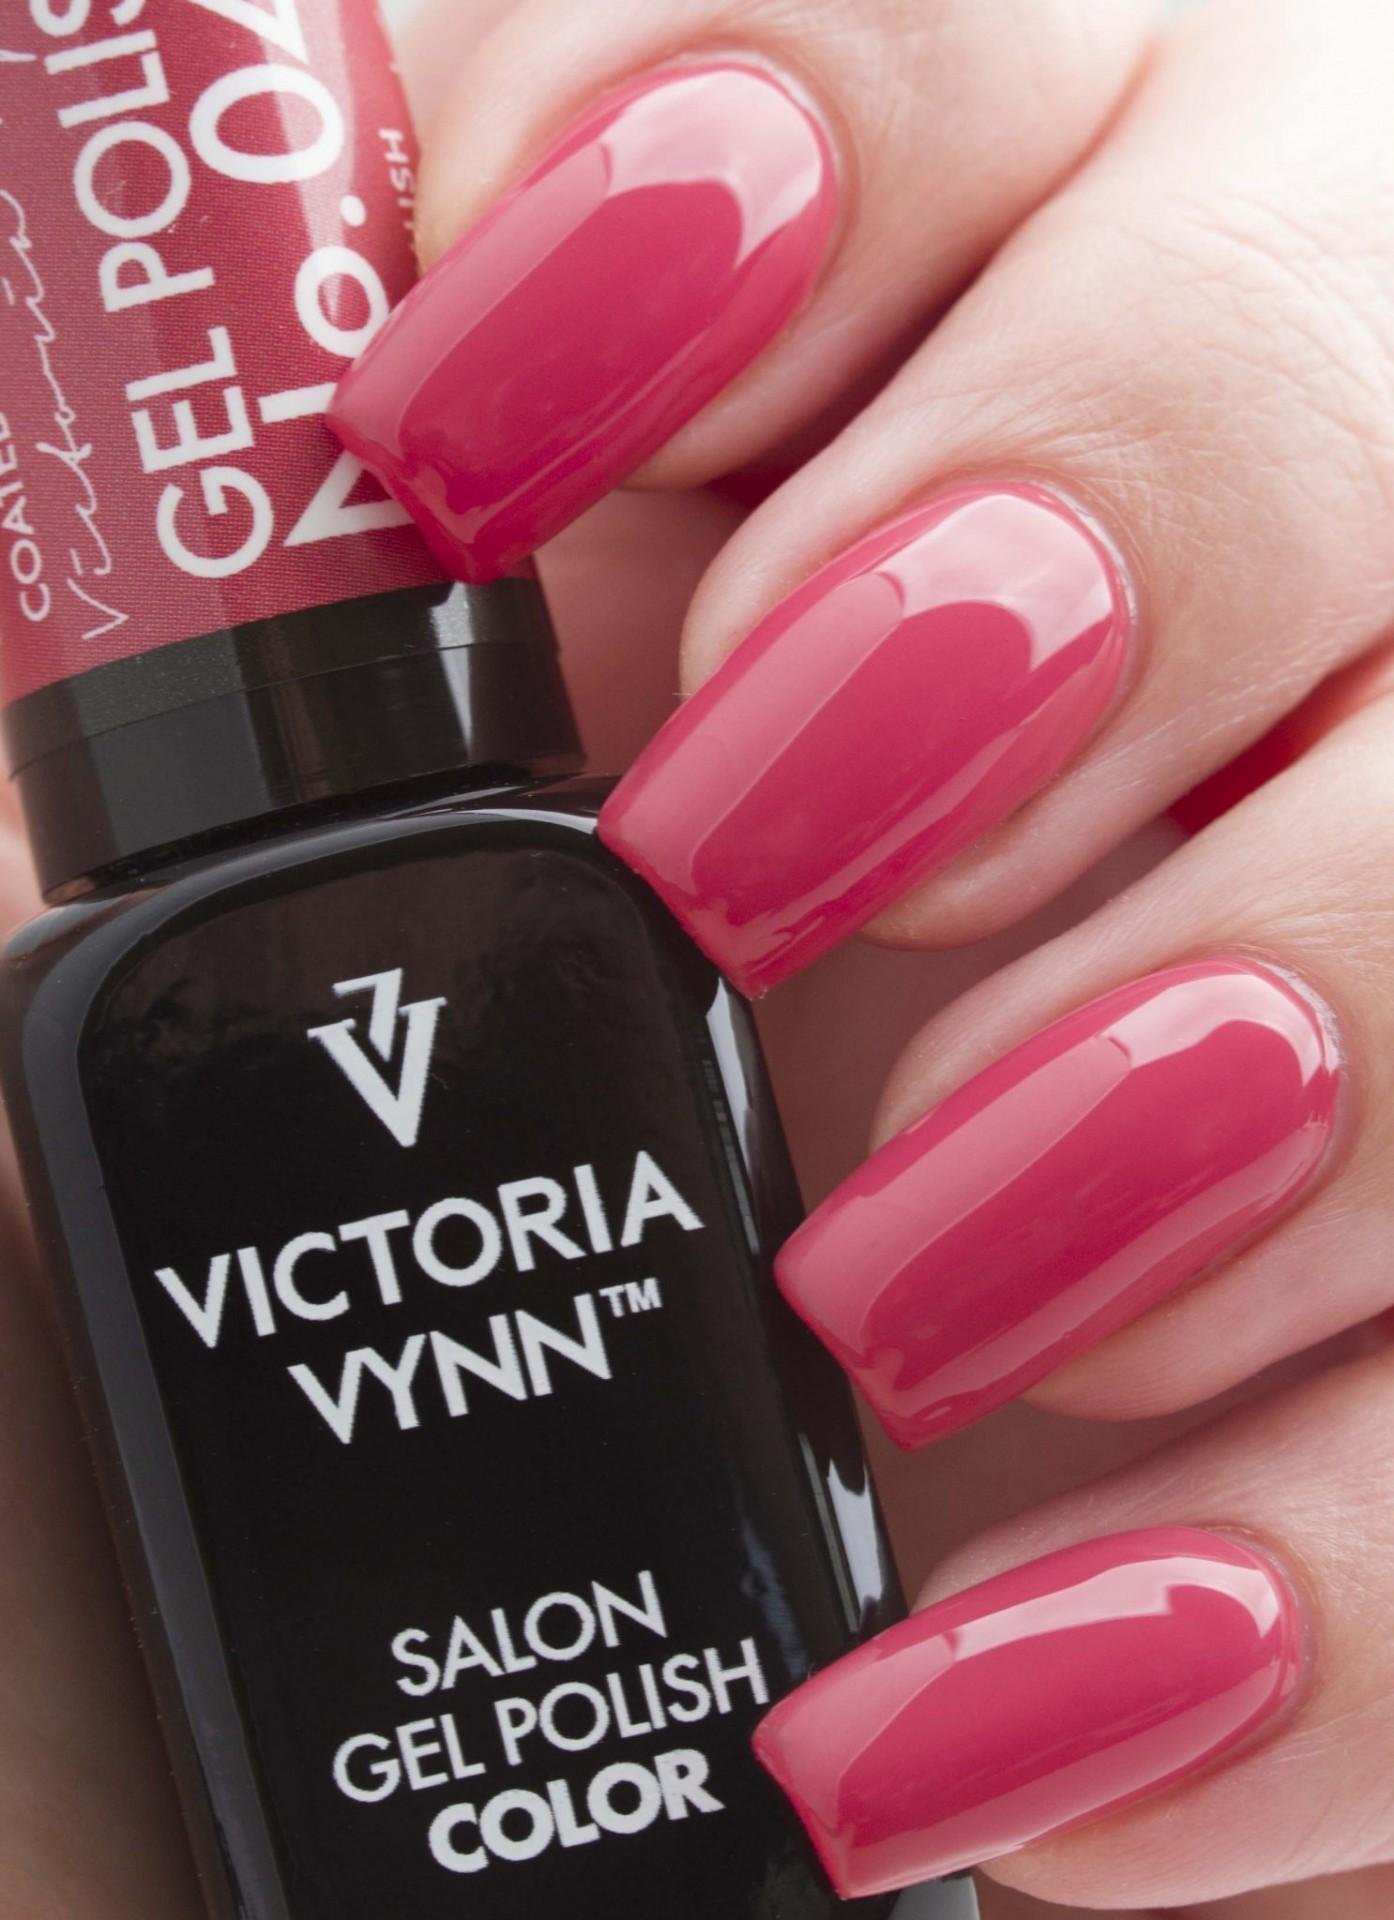 Victoria Vynn Verniz Gel Nº 043 - Coated Blush - 8 ml